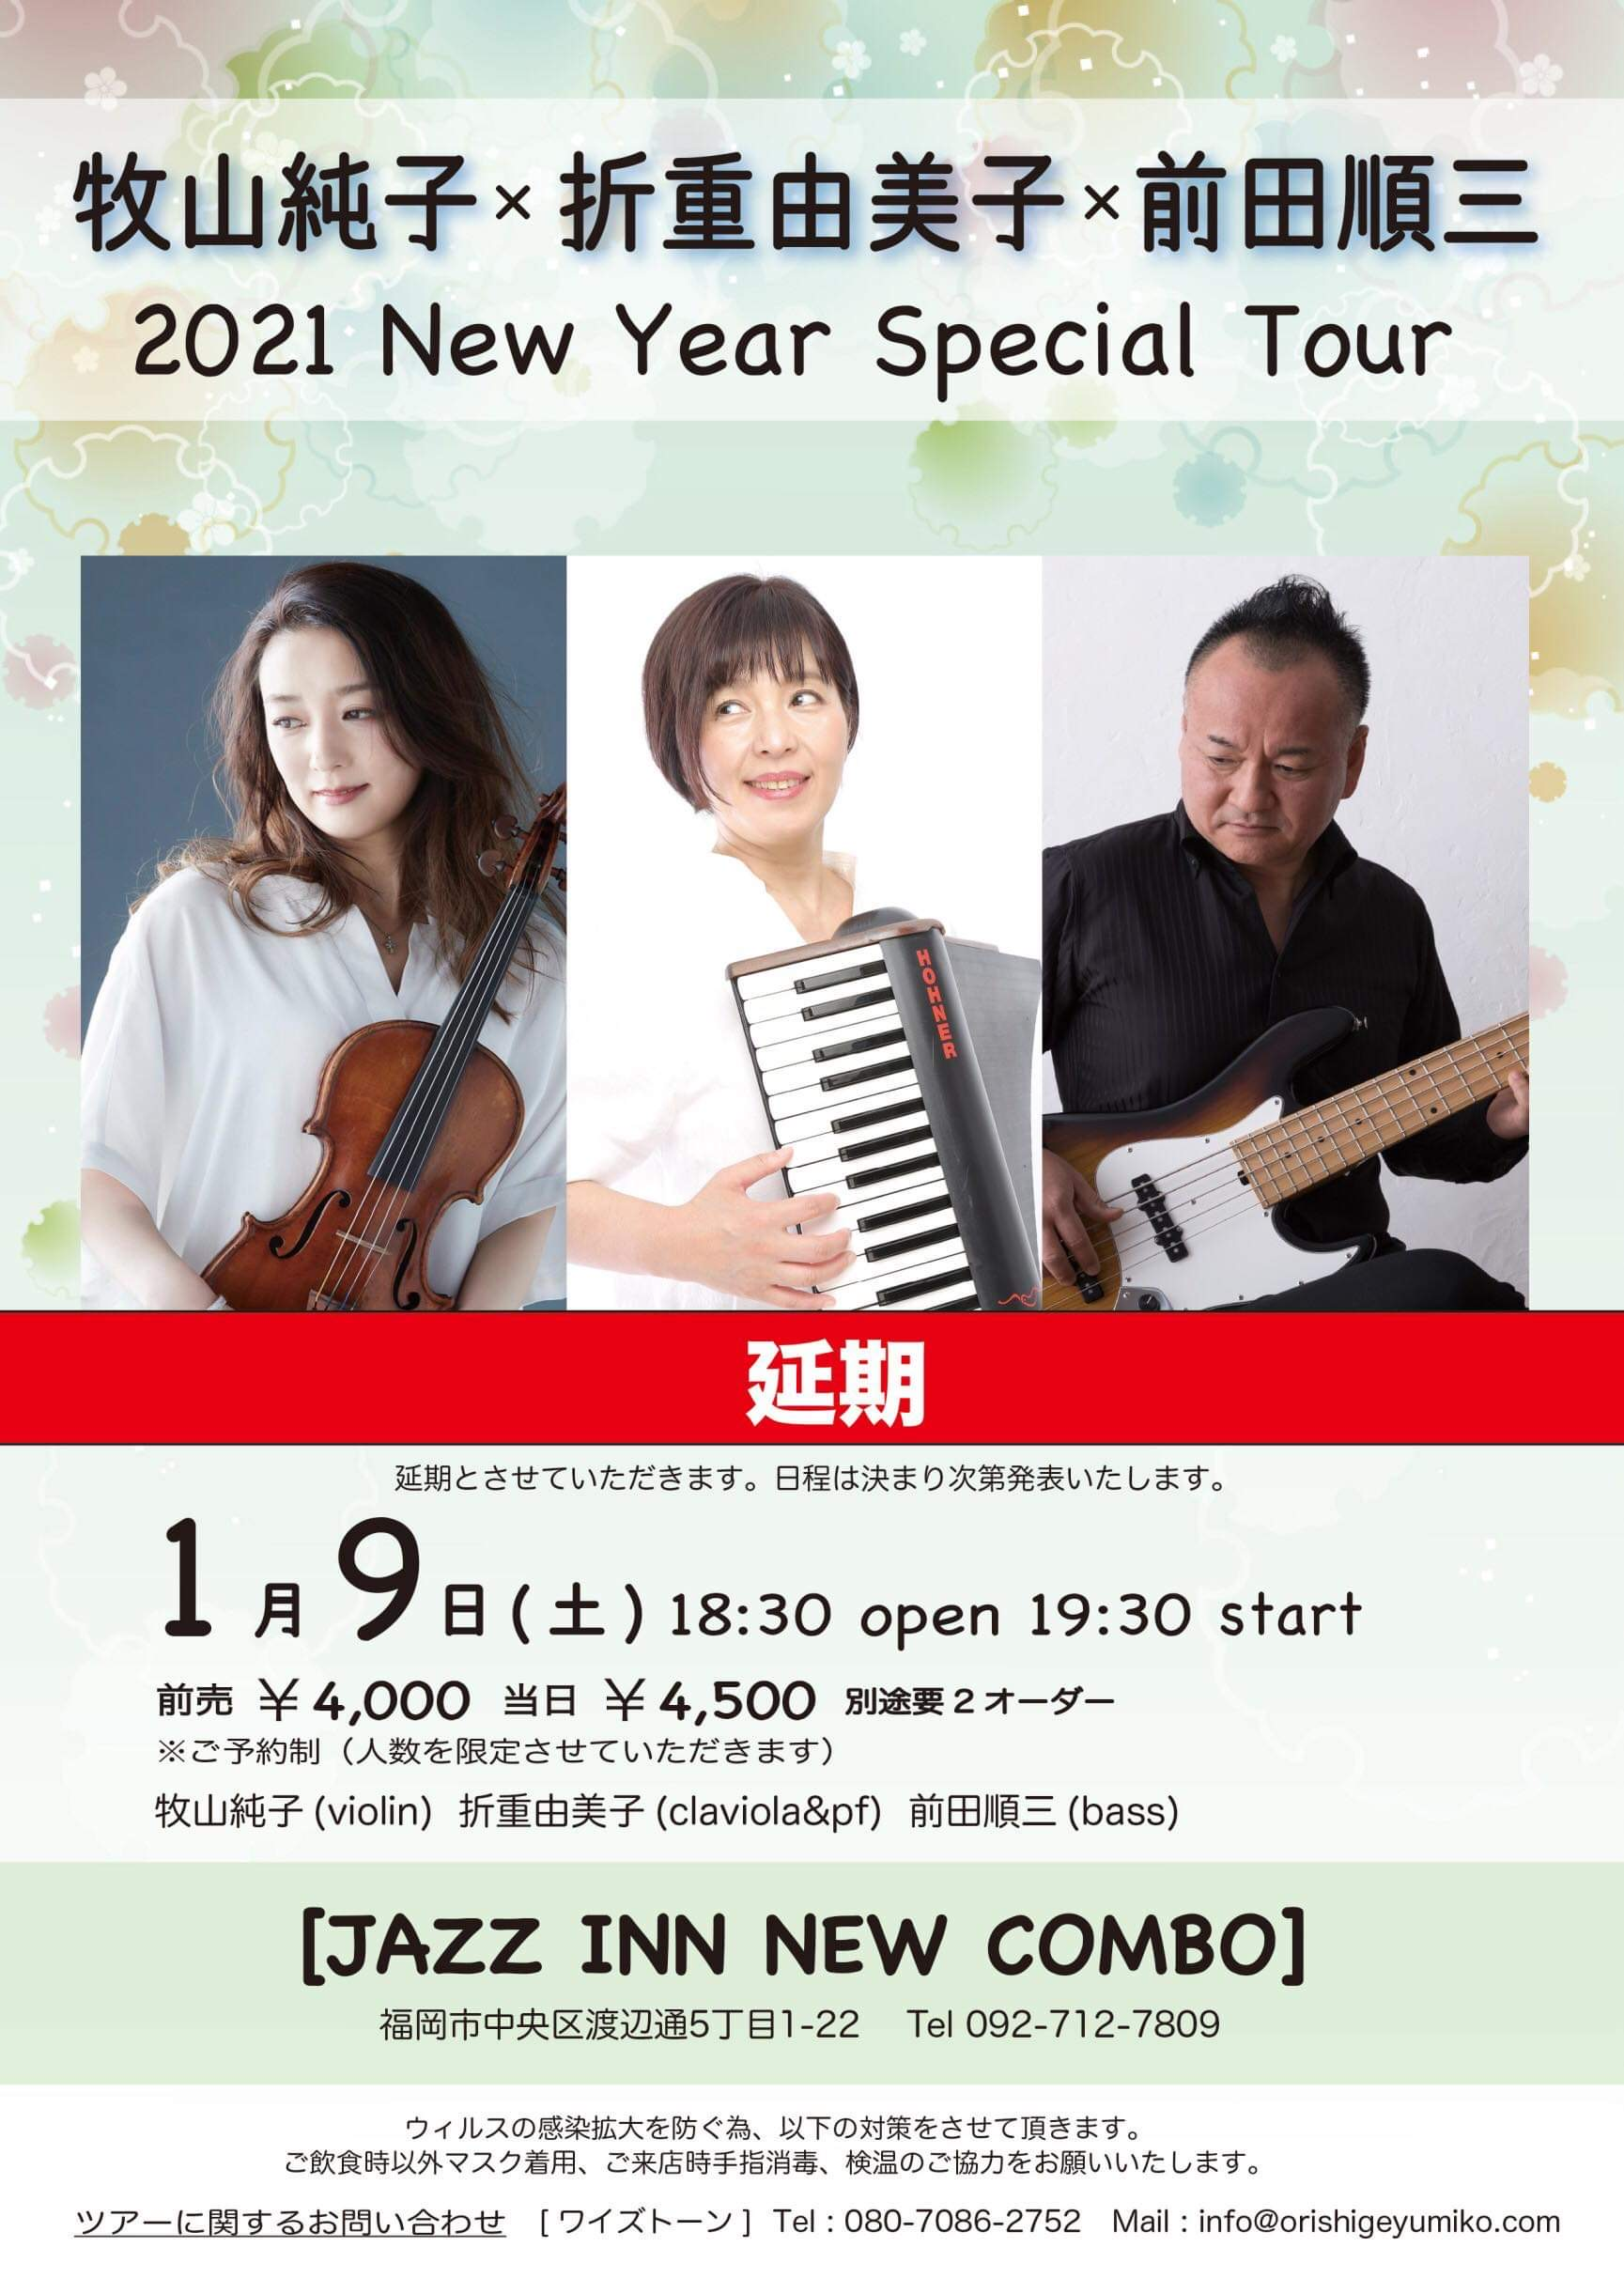 延期『牧山純子×折重由美子×前田順三 2021  New Year Special Tour』 @ JAZZ INN NEW COMBO(福岡県福岡市)